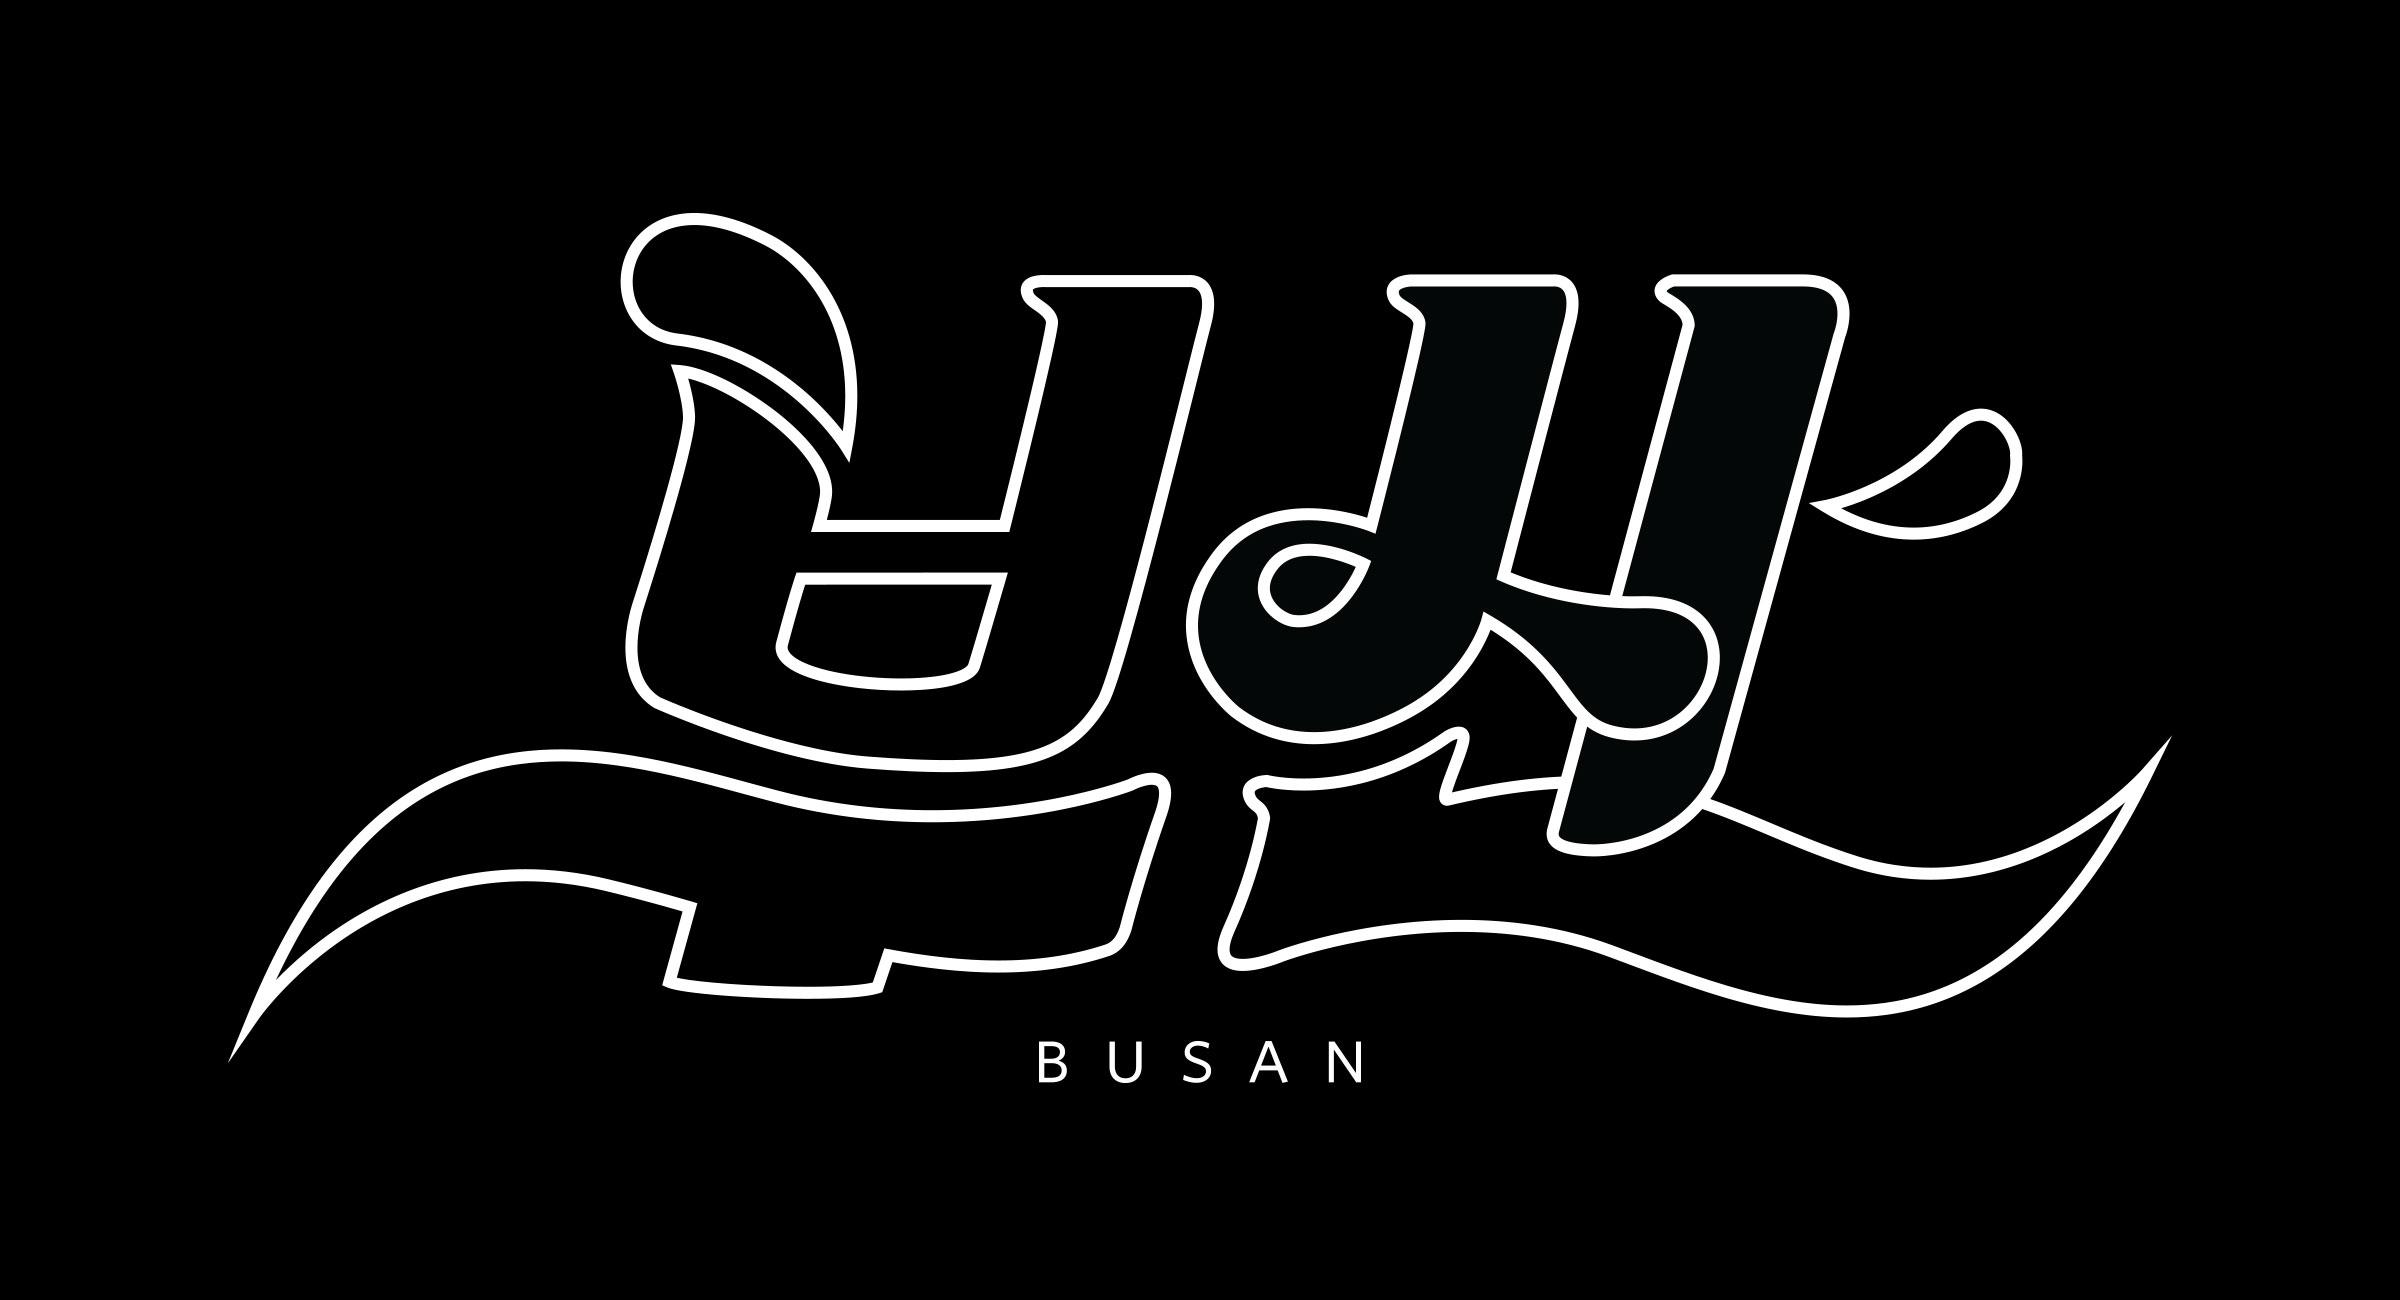 RachelOrr_TheLilyIn-Busan.jpg